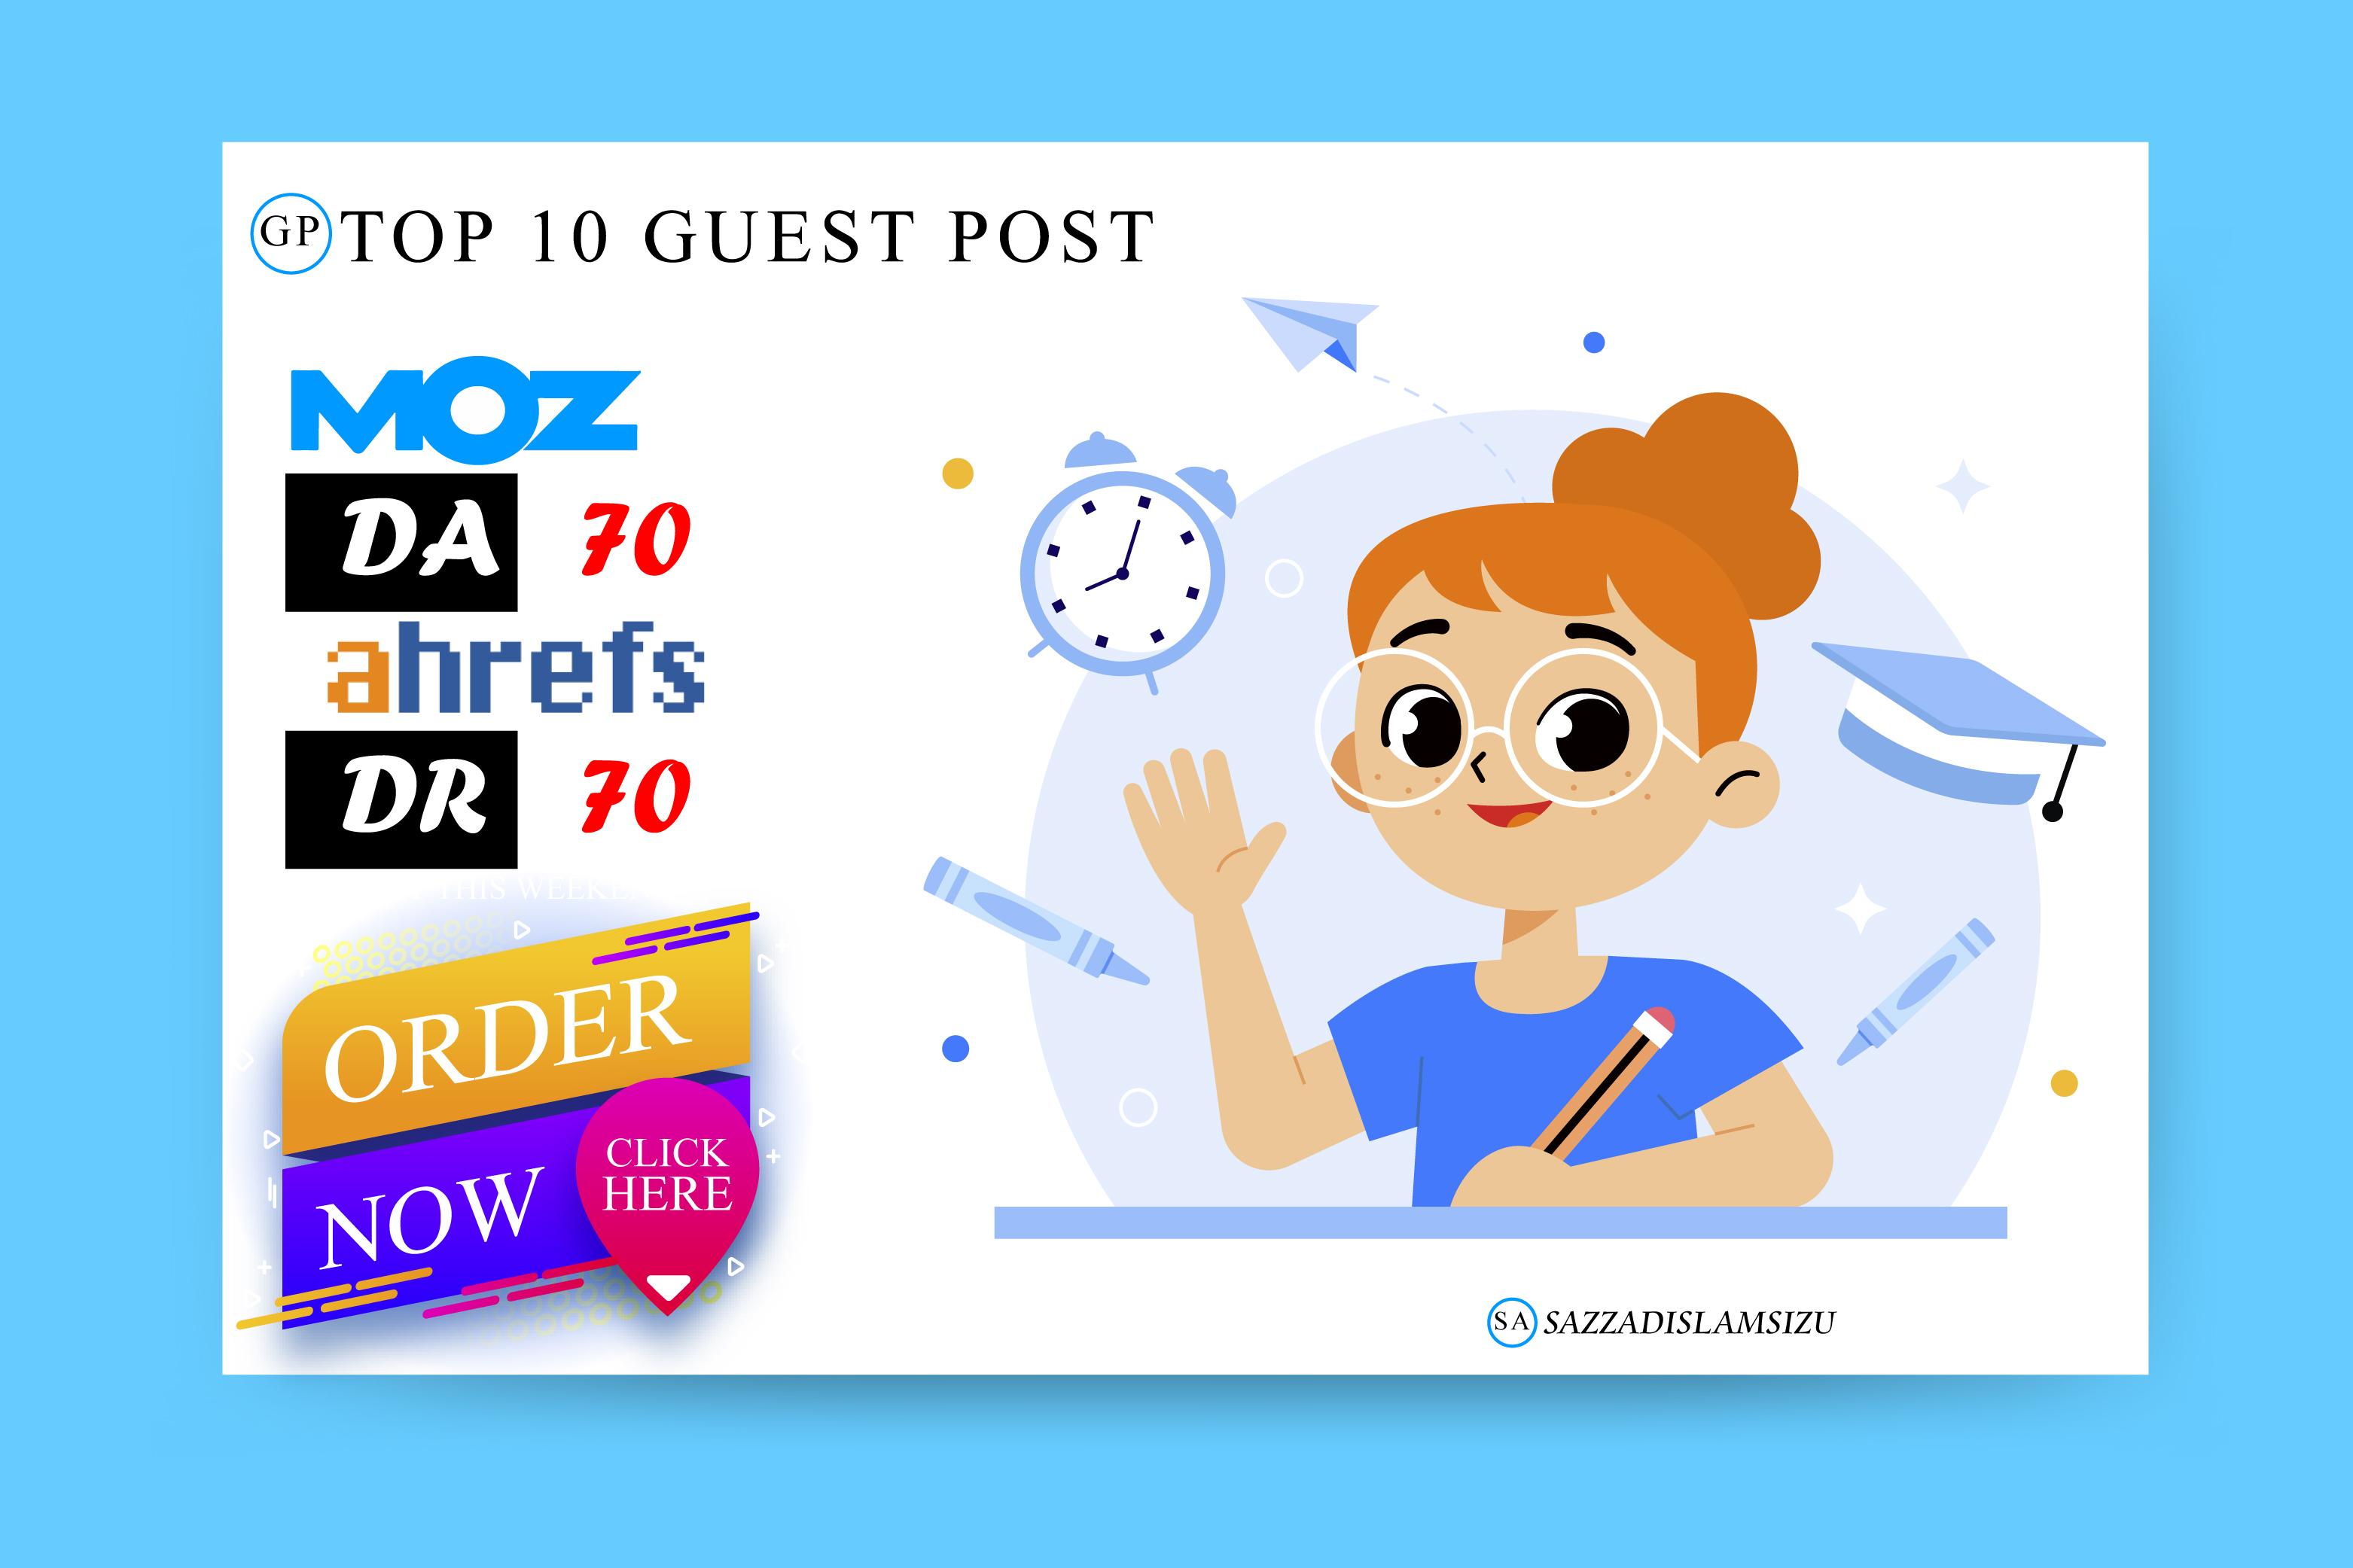 Top 10 high da guest posts on da70 guest posting site